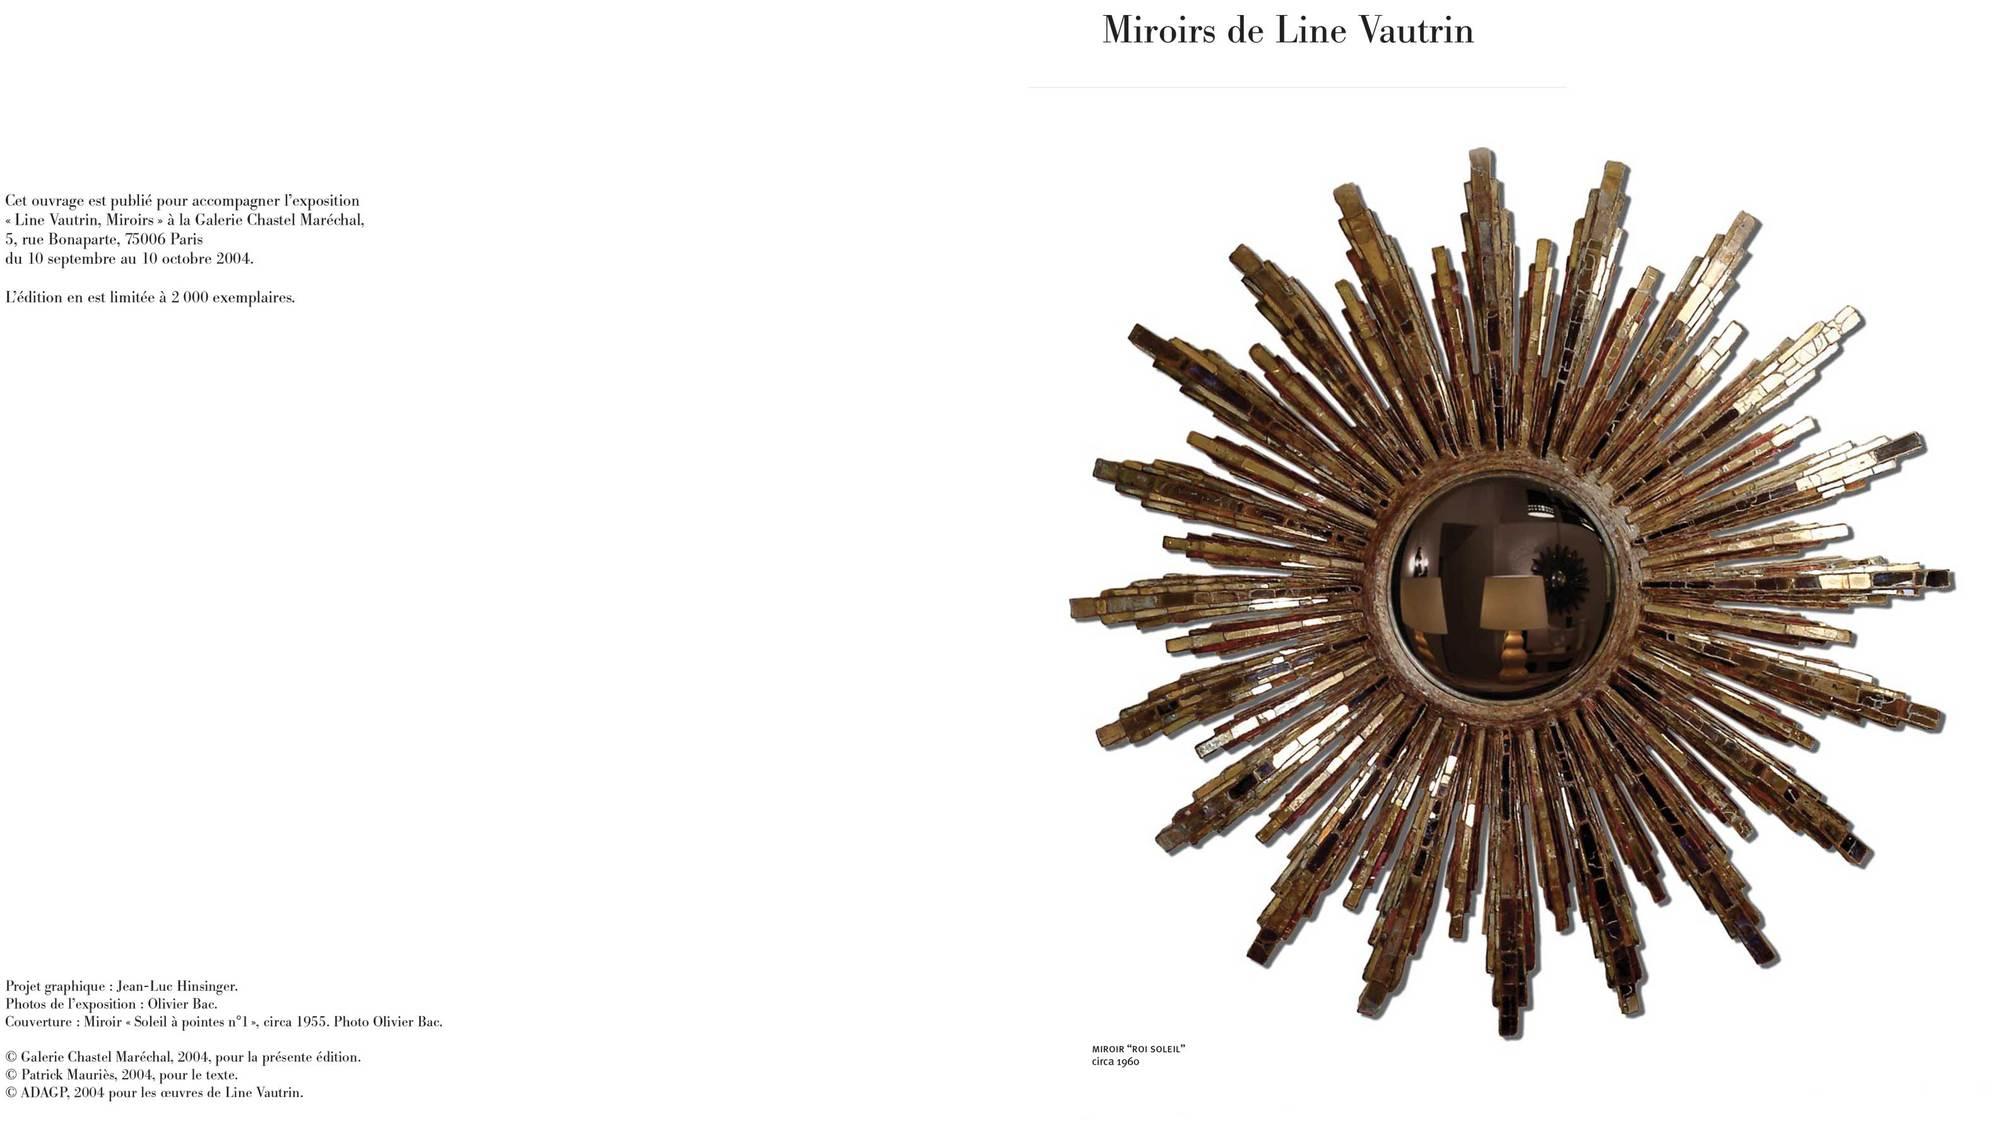 vautrin-miroirs-2